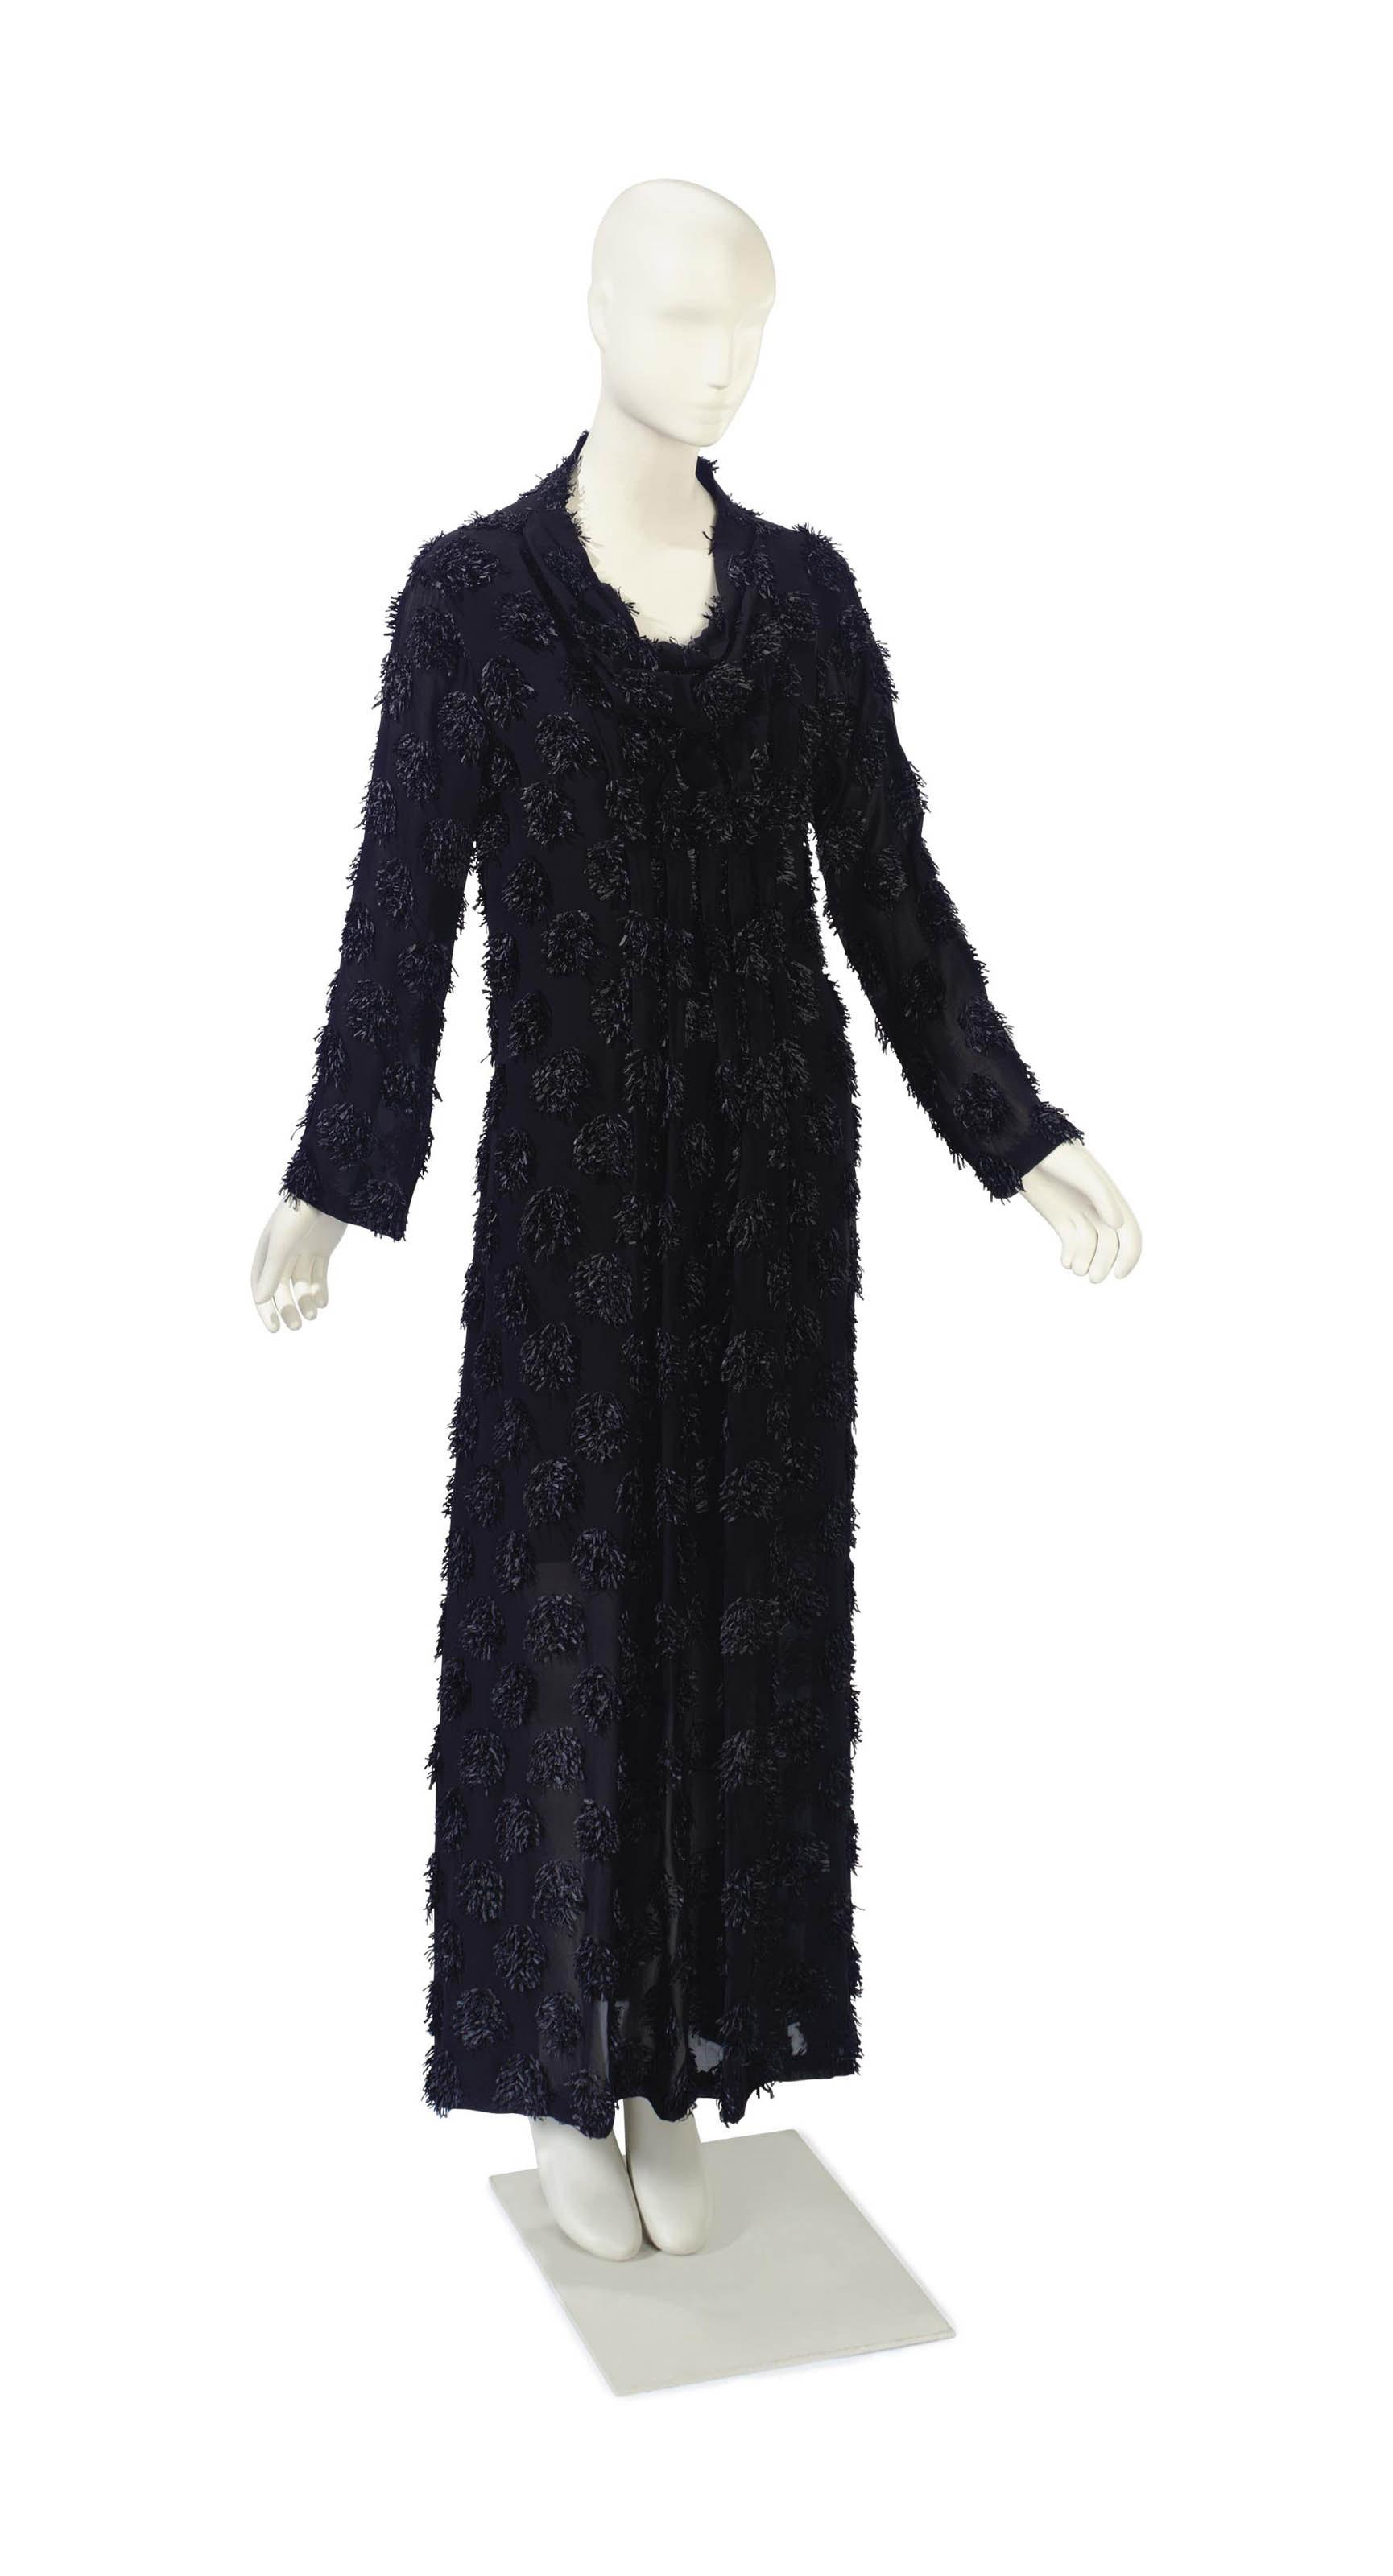 AN ISSEY MIYAKE BLACK SILK CHIFFON DRESS